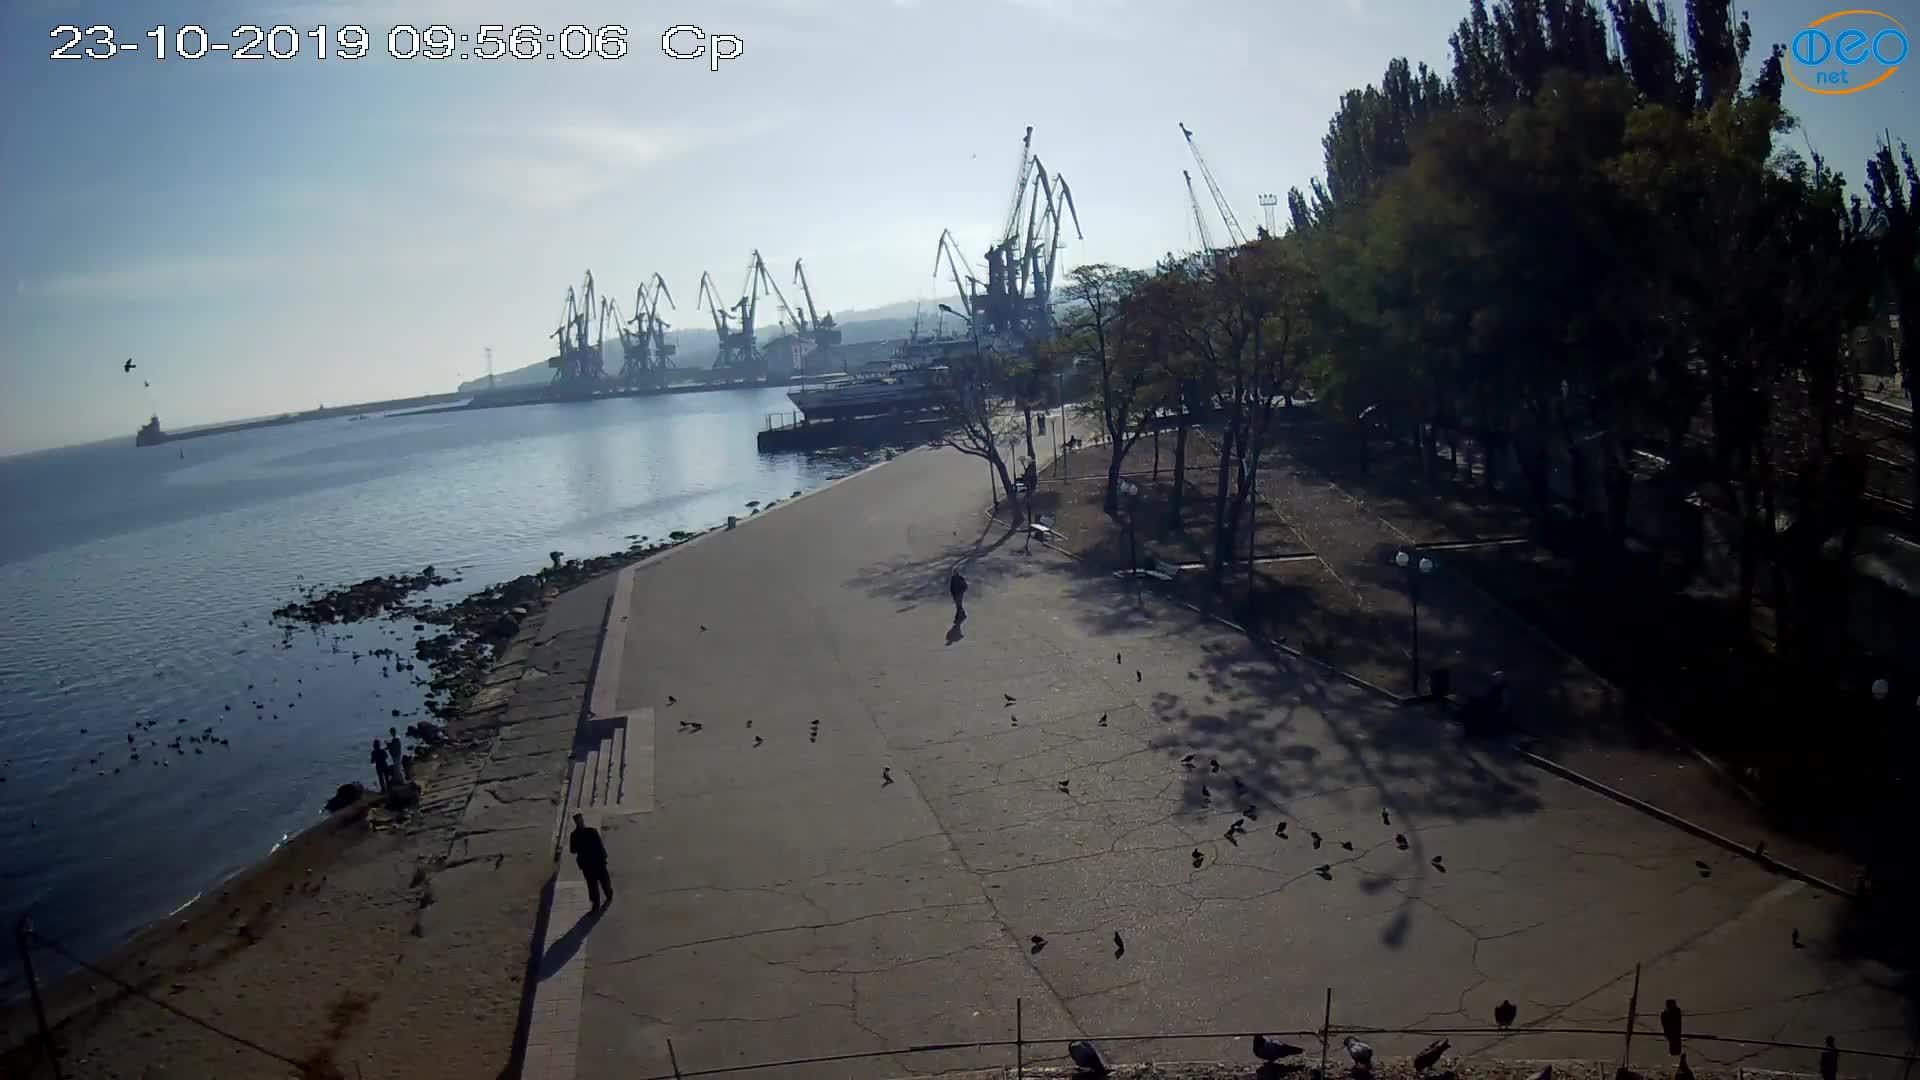 Веб-камеры Феодосии, Набережная Десантников, 2019-10-23 09:56:16